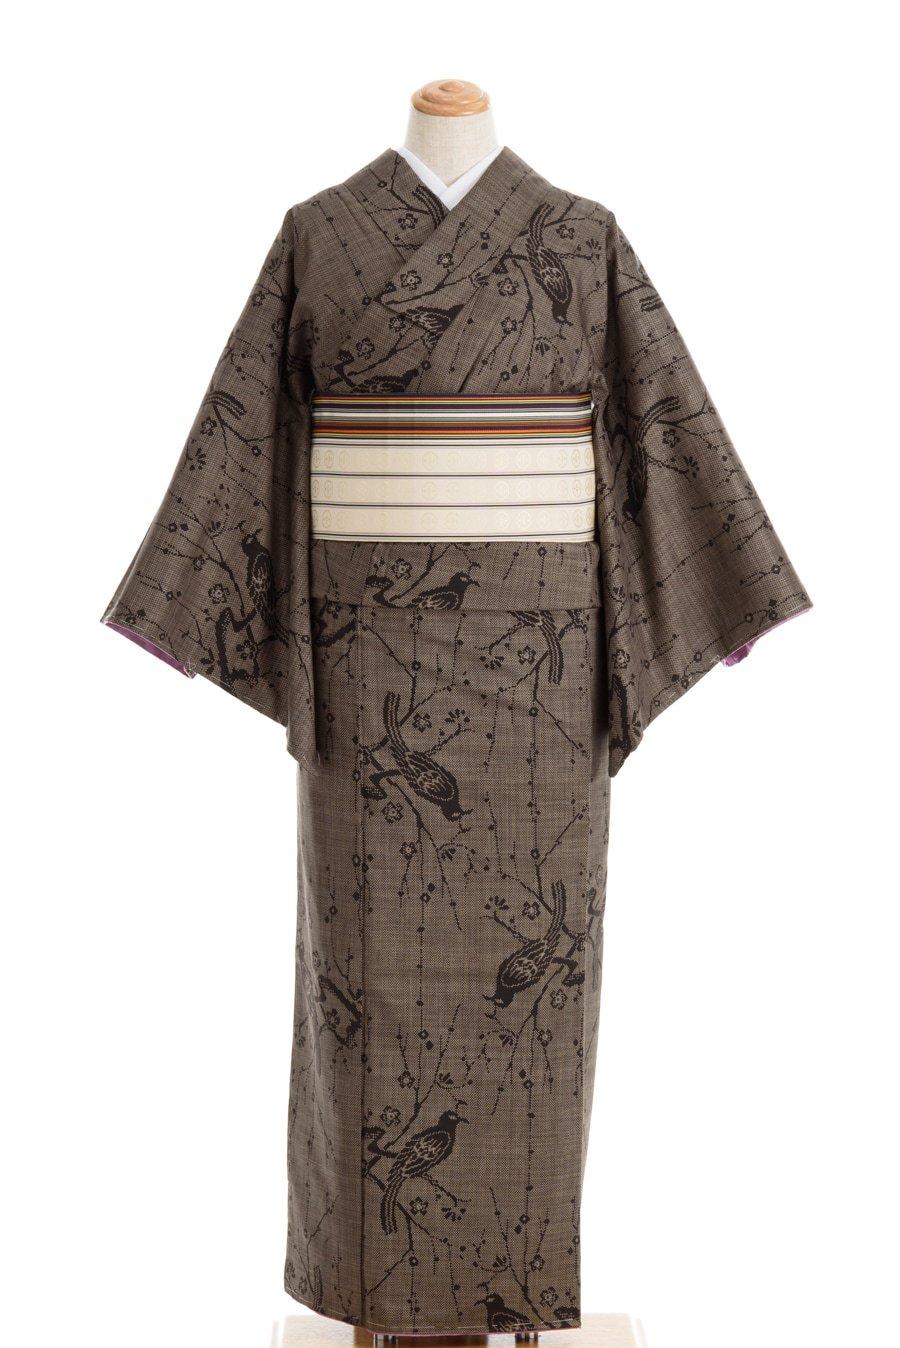 「セミアンティーク大島紬 梅と鳥」の商品画像